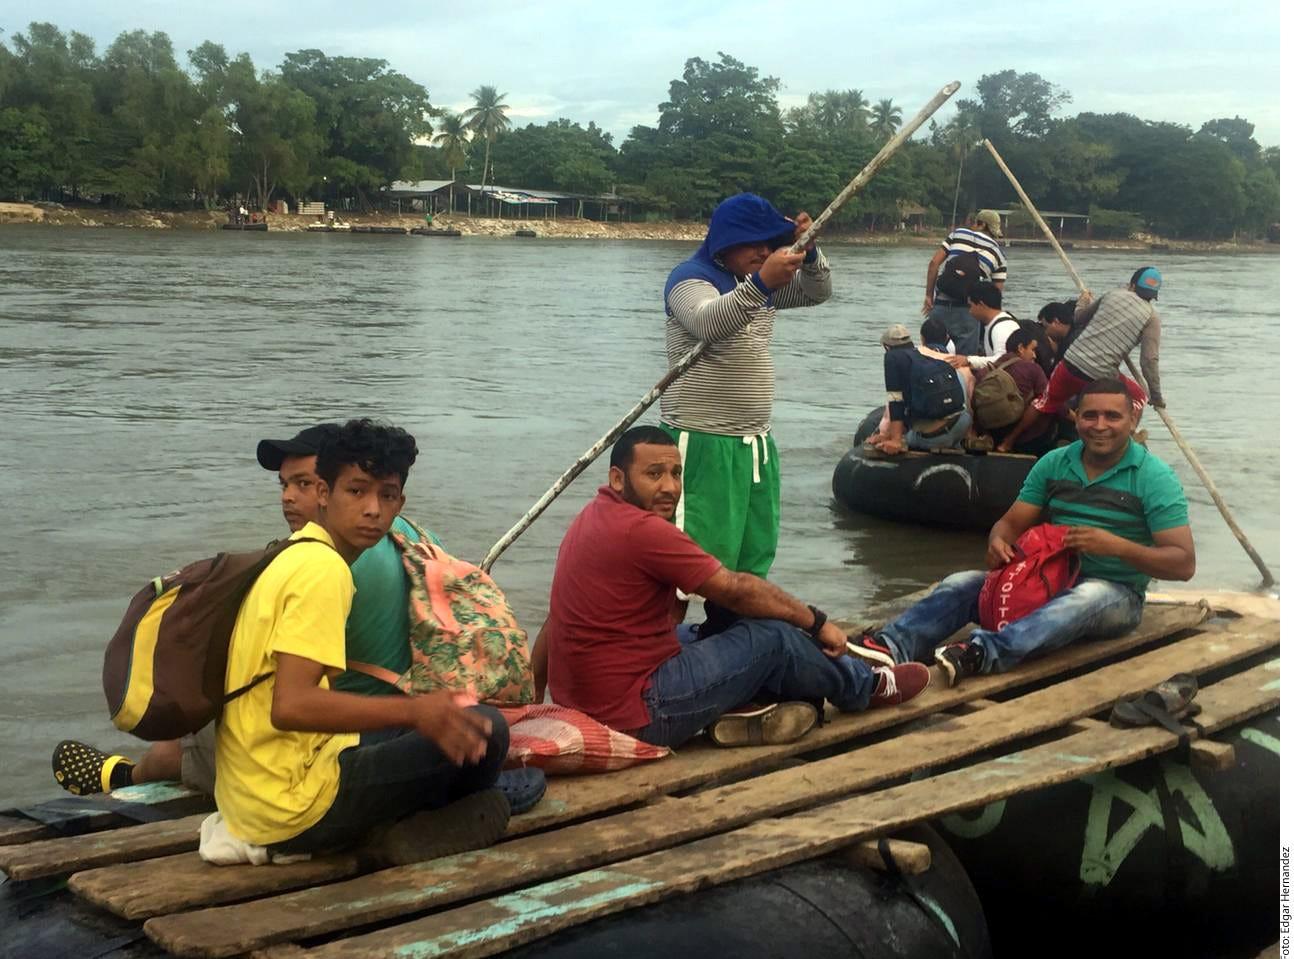 Algunos miembros de la Caminata Migrante madrugaron este sábado para cruzar a México por el Río Suchiate.